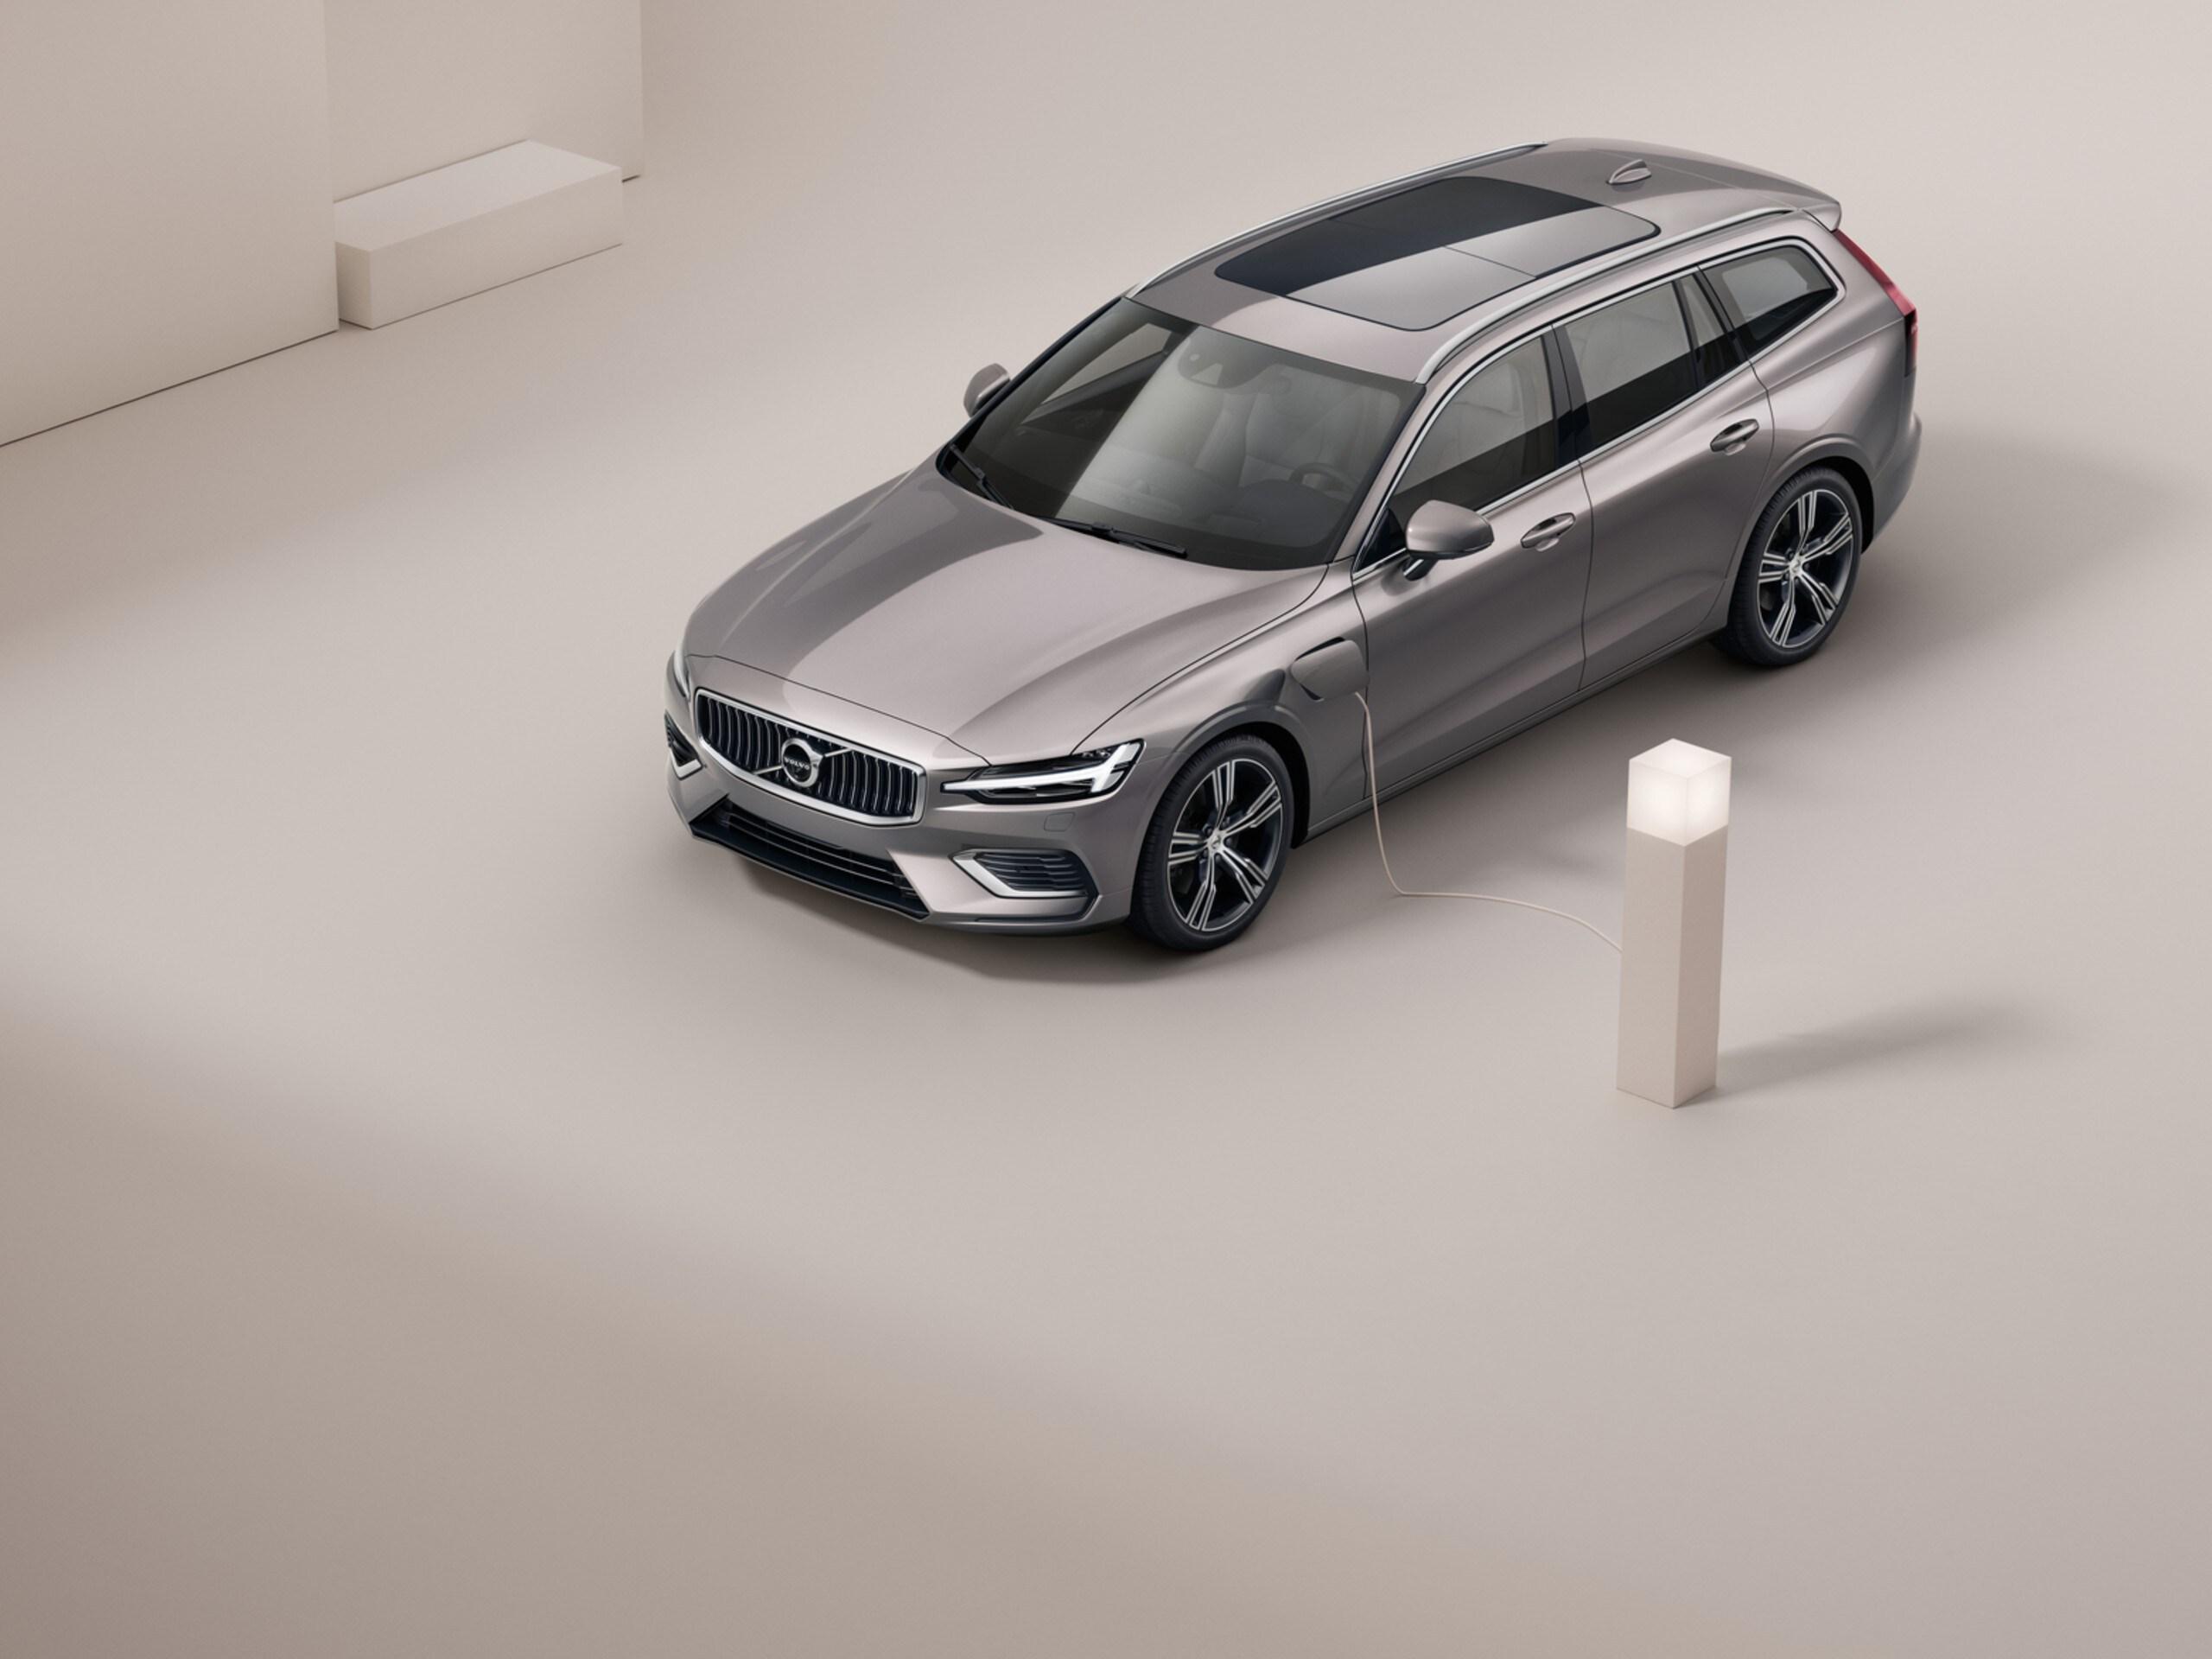 Coche familiar hibrido Volvo V60 oferta